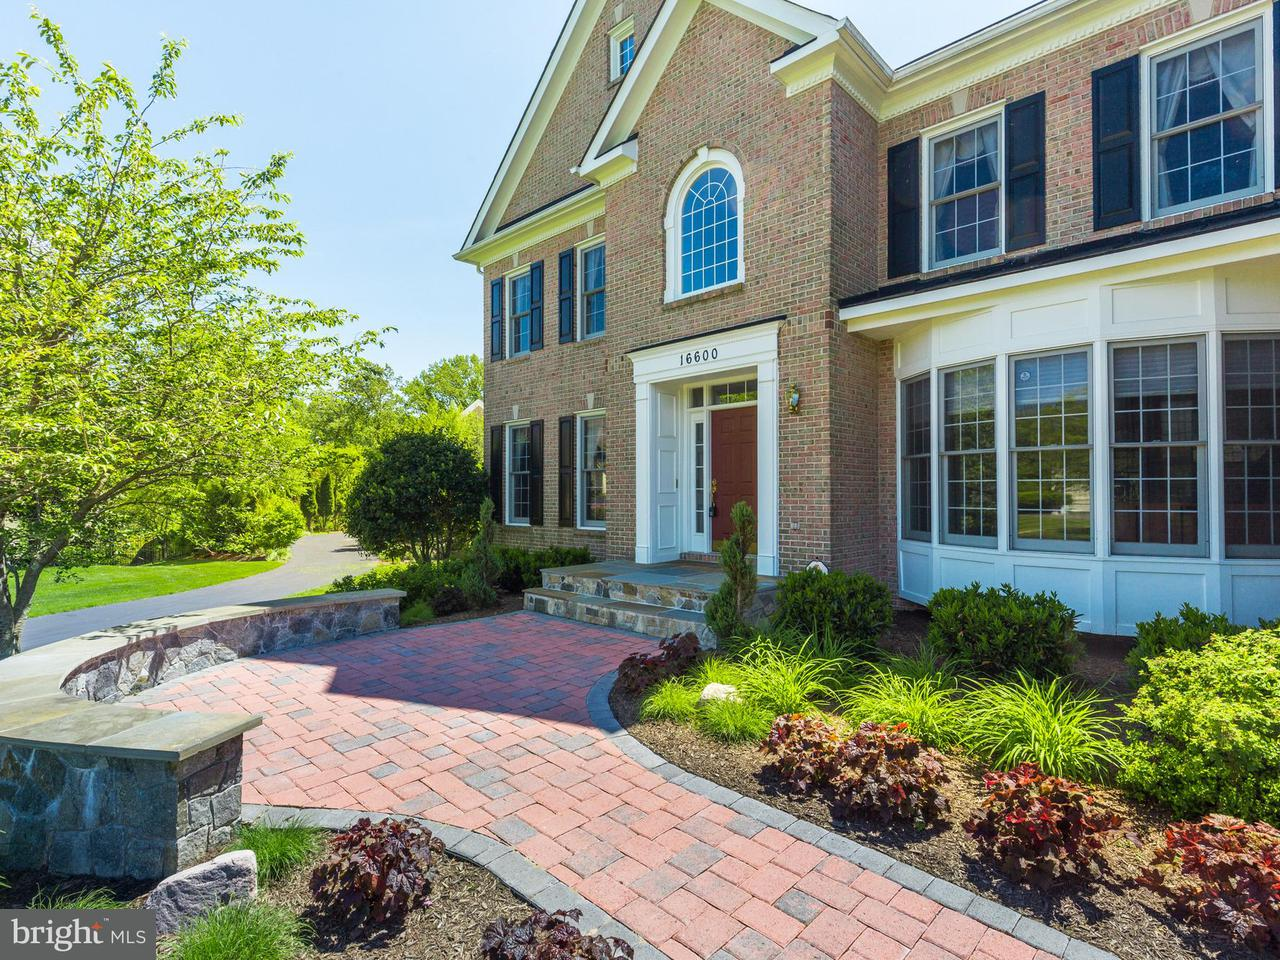 一戸建て のために 売買 アット 16600 Sea Island Court 16600 Sea Island Court Silver Spring, メリーランド 20905 アメリカ合衆国